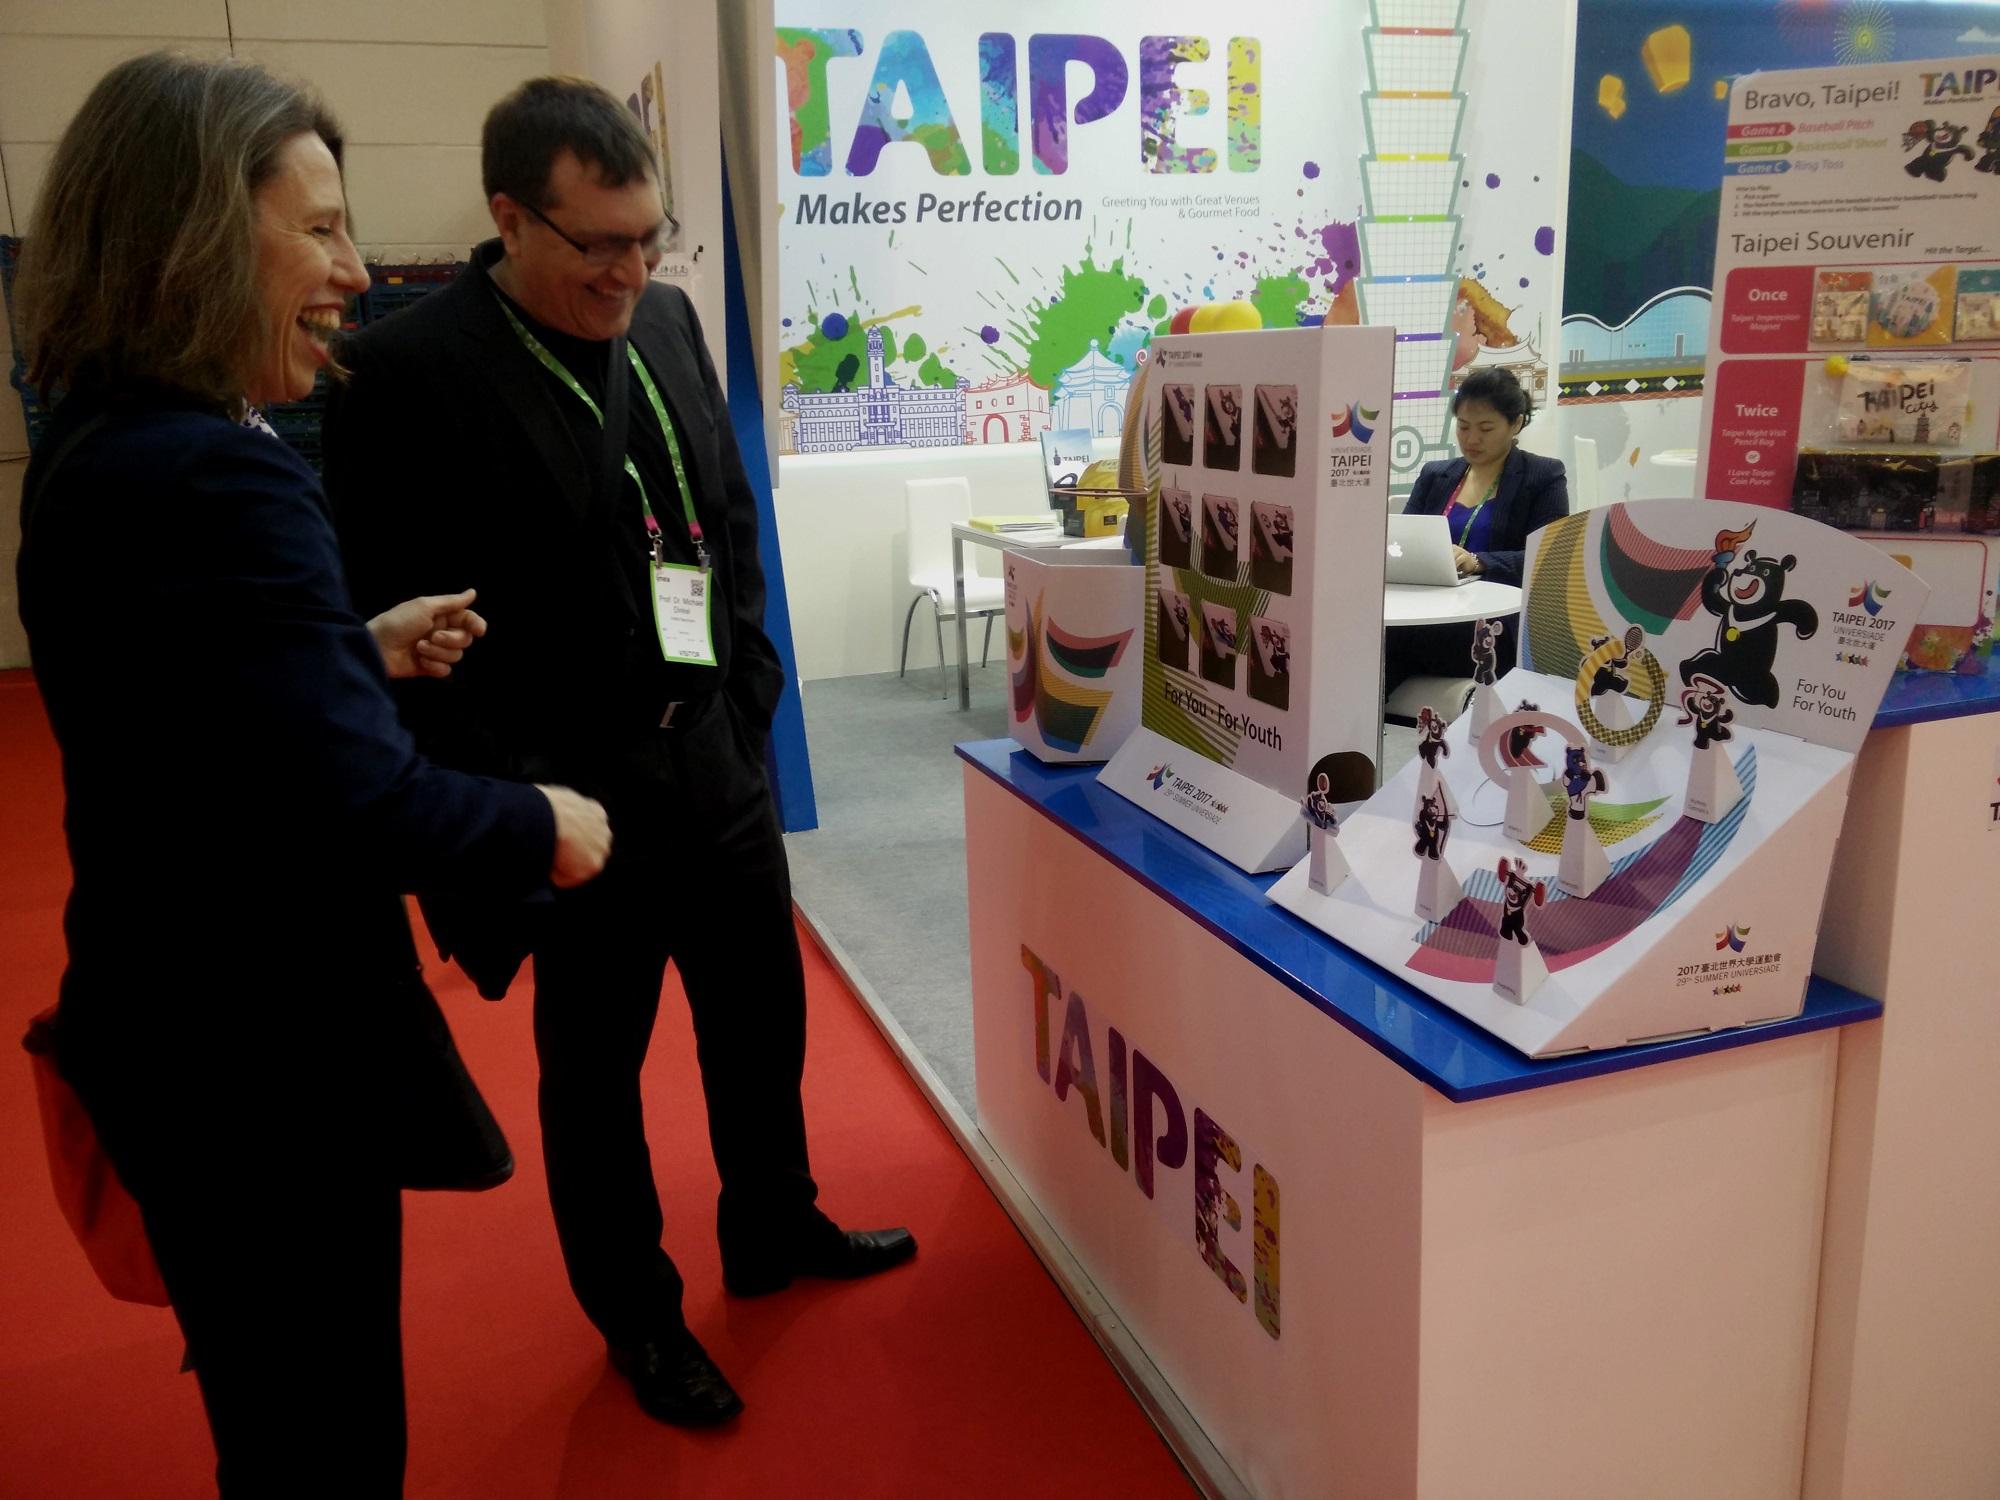 臺北展攤宣傳2017世大運,國際買家熱鬧參與活動